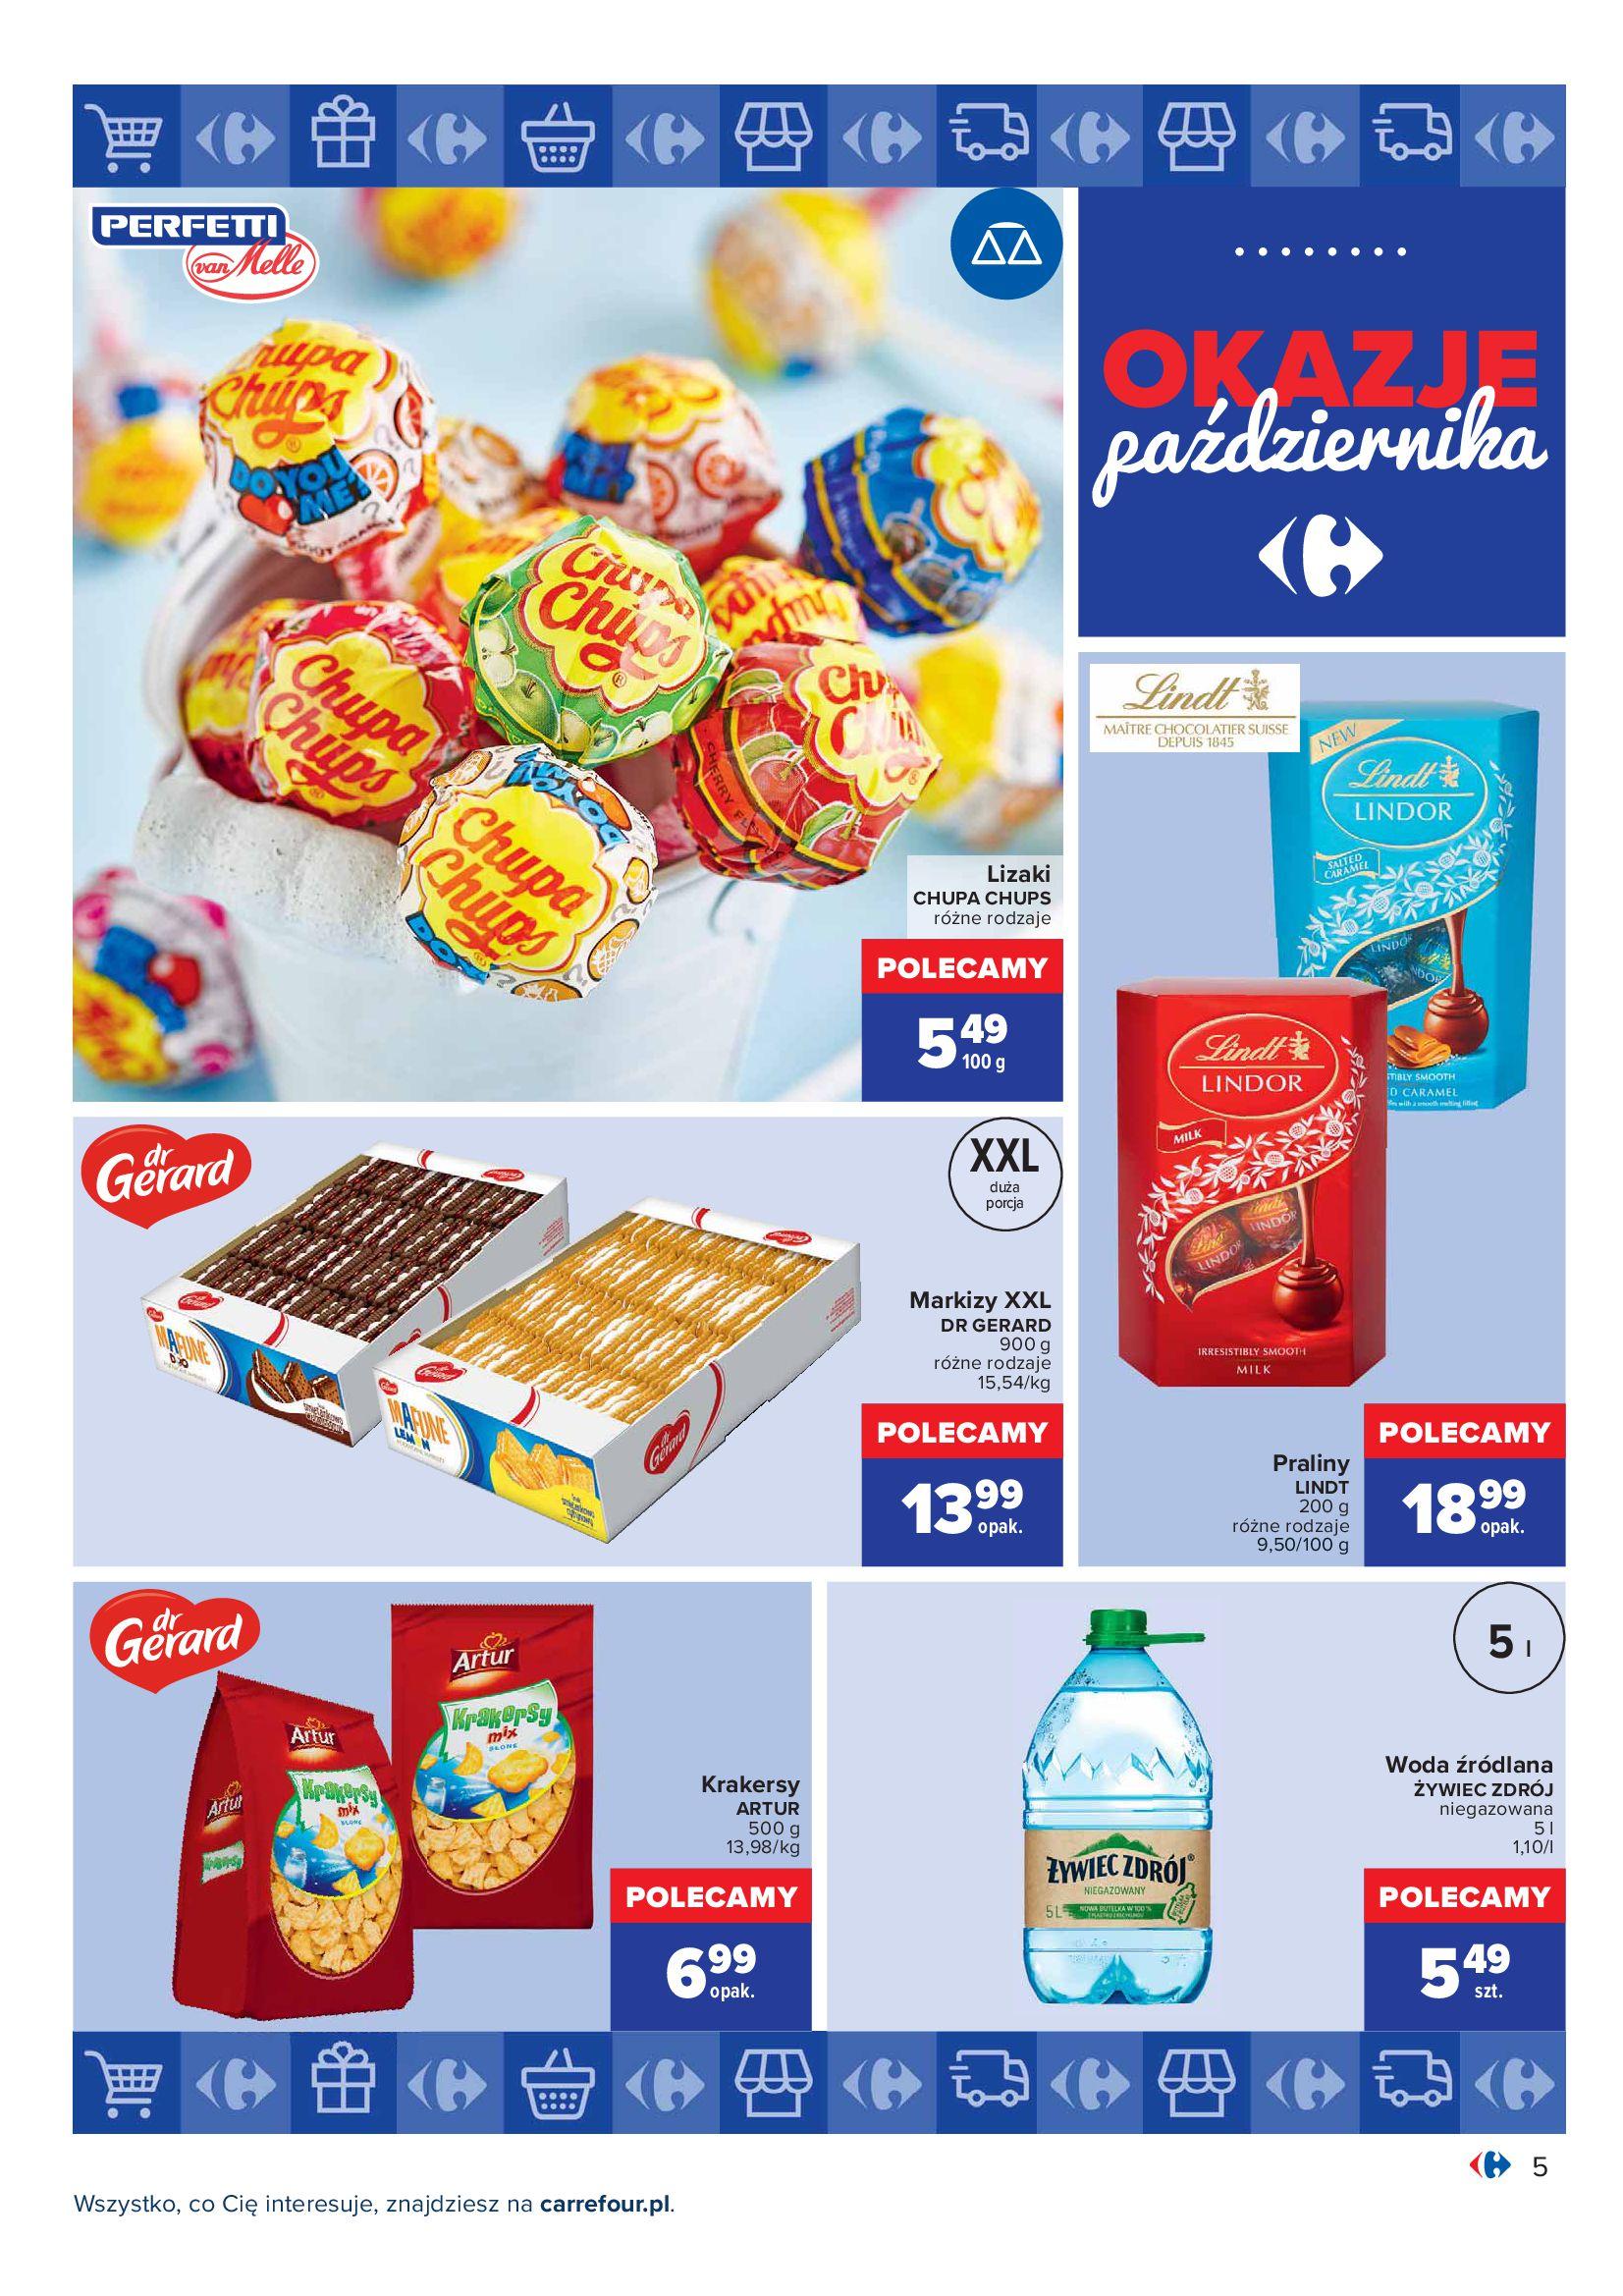 Gazetka Carrefour: Gazetka Carrefour - Okazje Października 2021-10-01 page-5